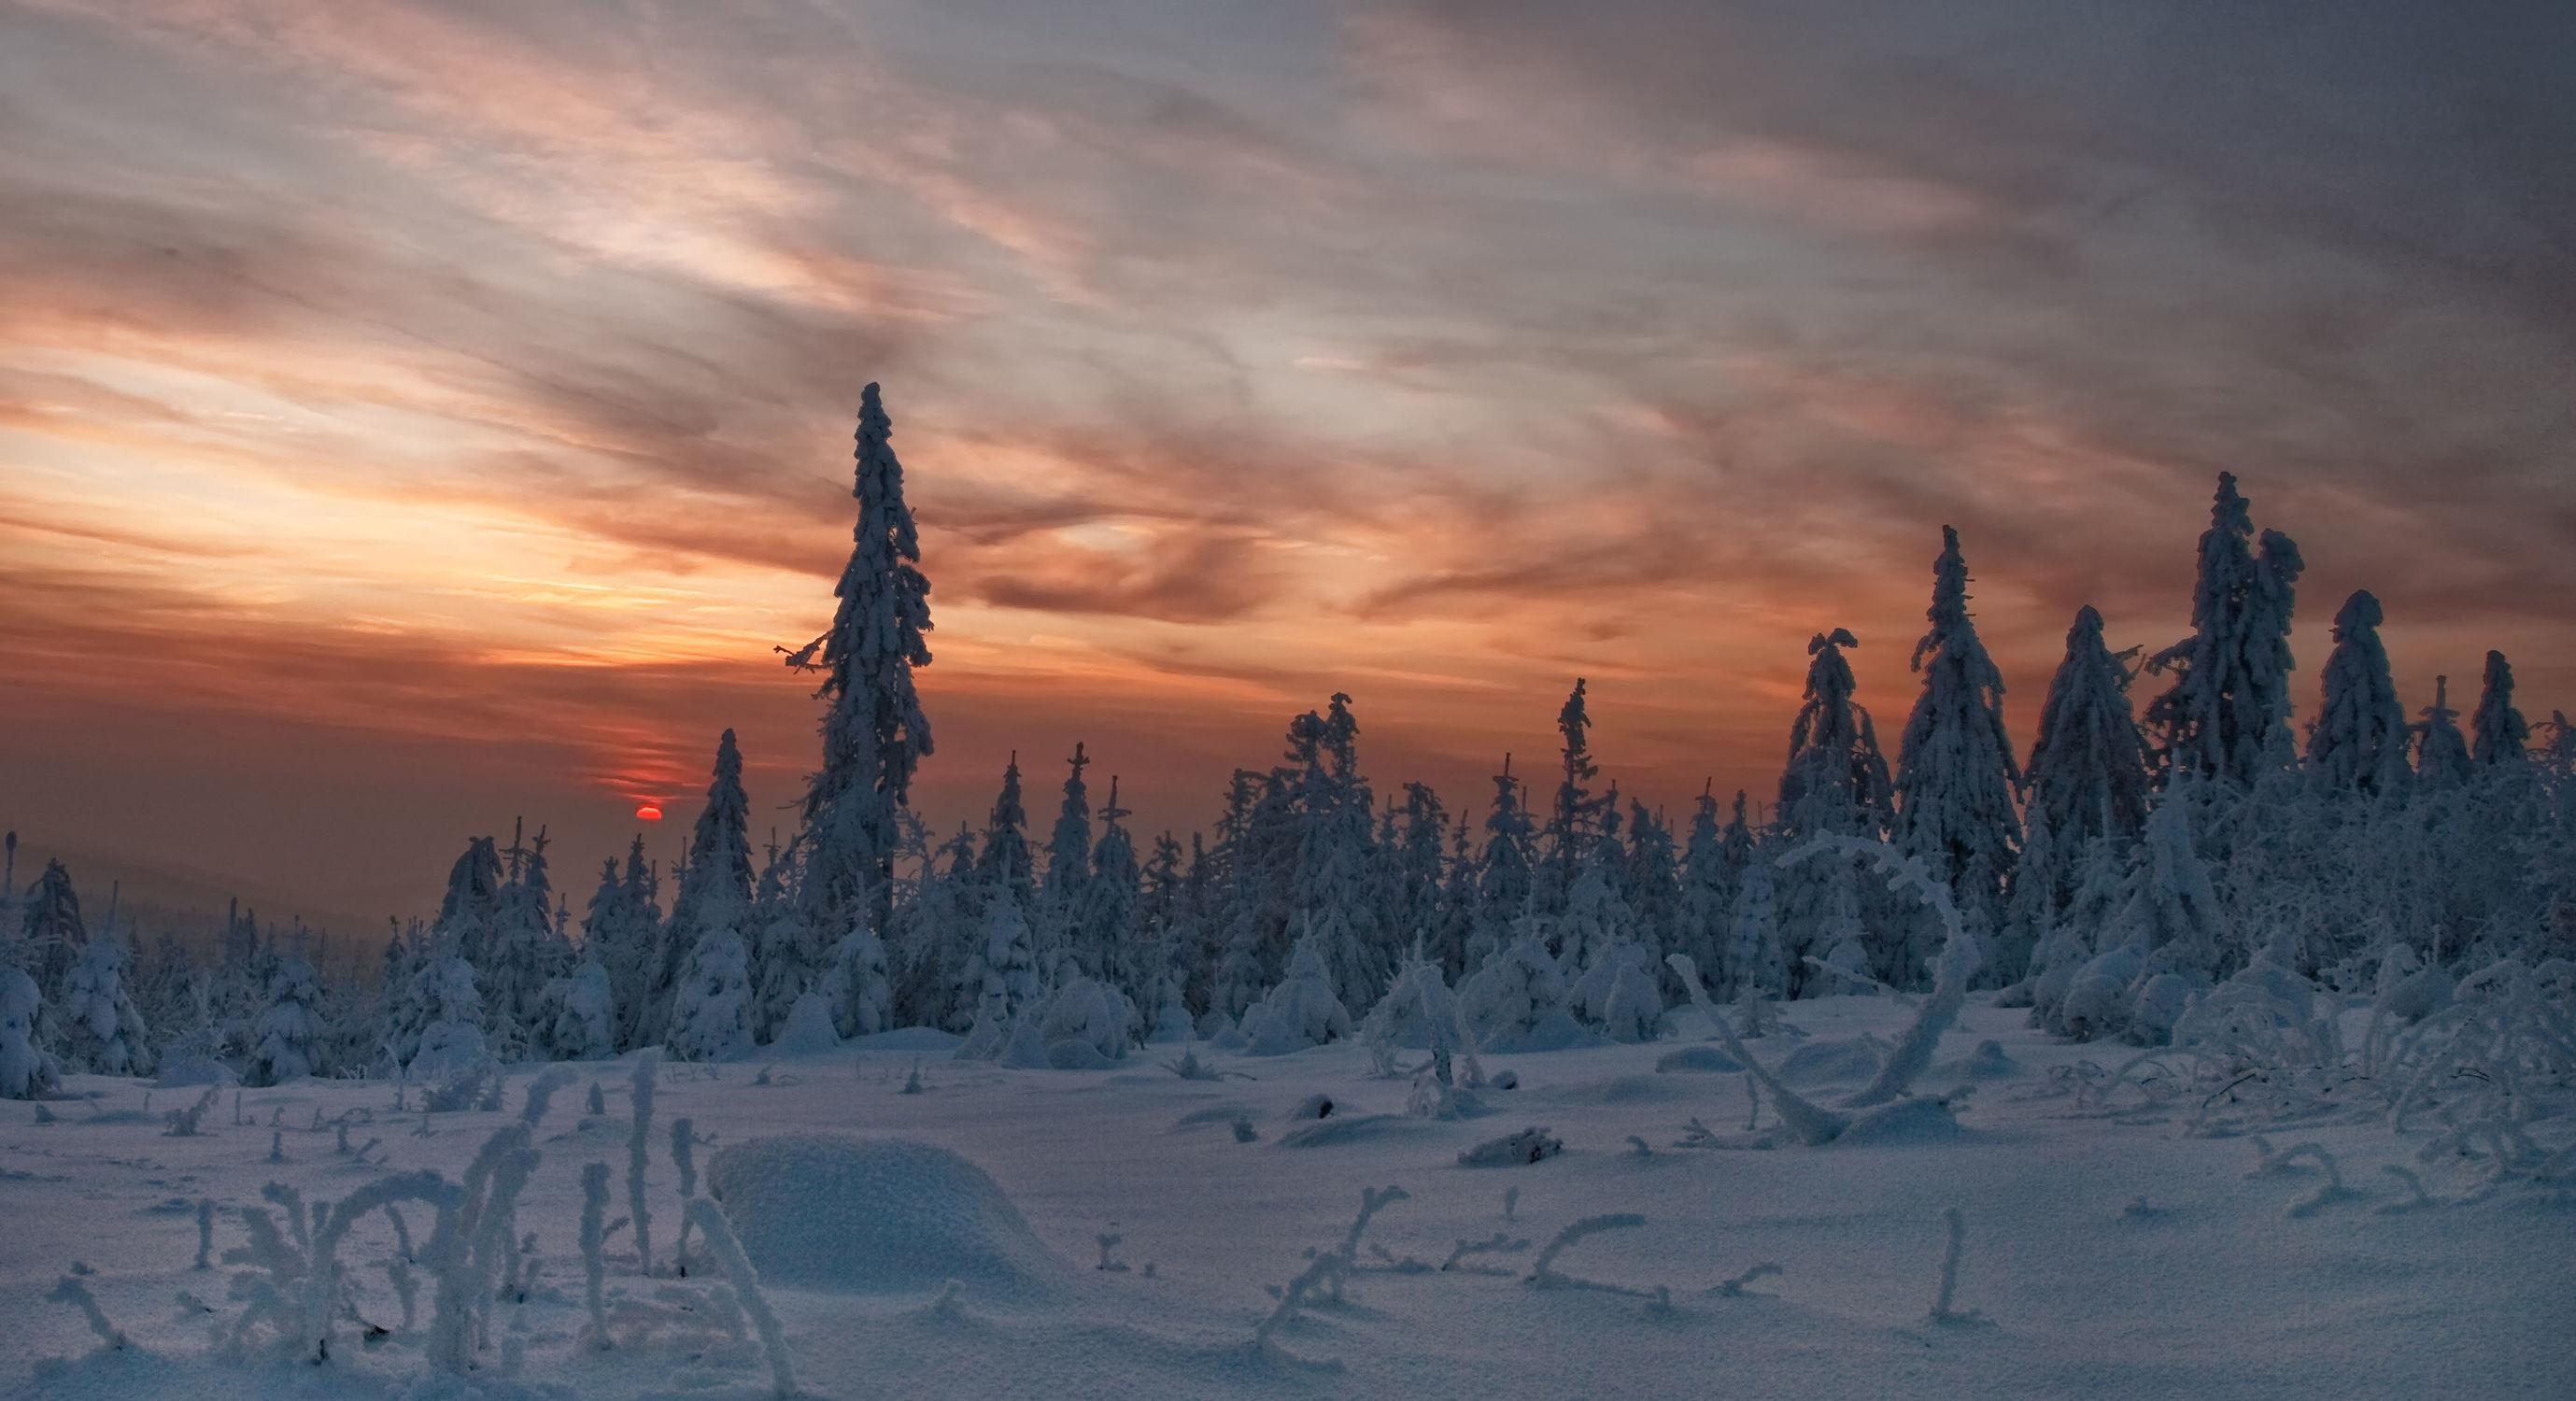 Bild mit Landschaften, Bäume, Winter, Schnee, Wälder, Wald, Baum, Landschaft, Winterlandschaften, Frost, Gebirge